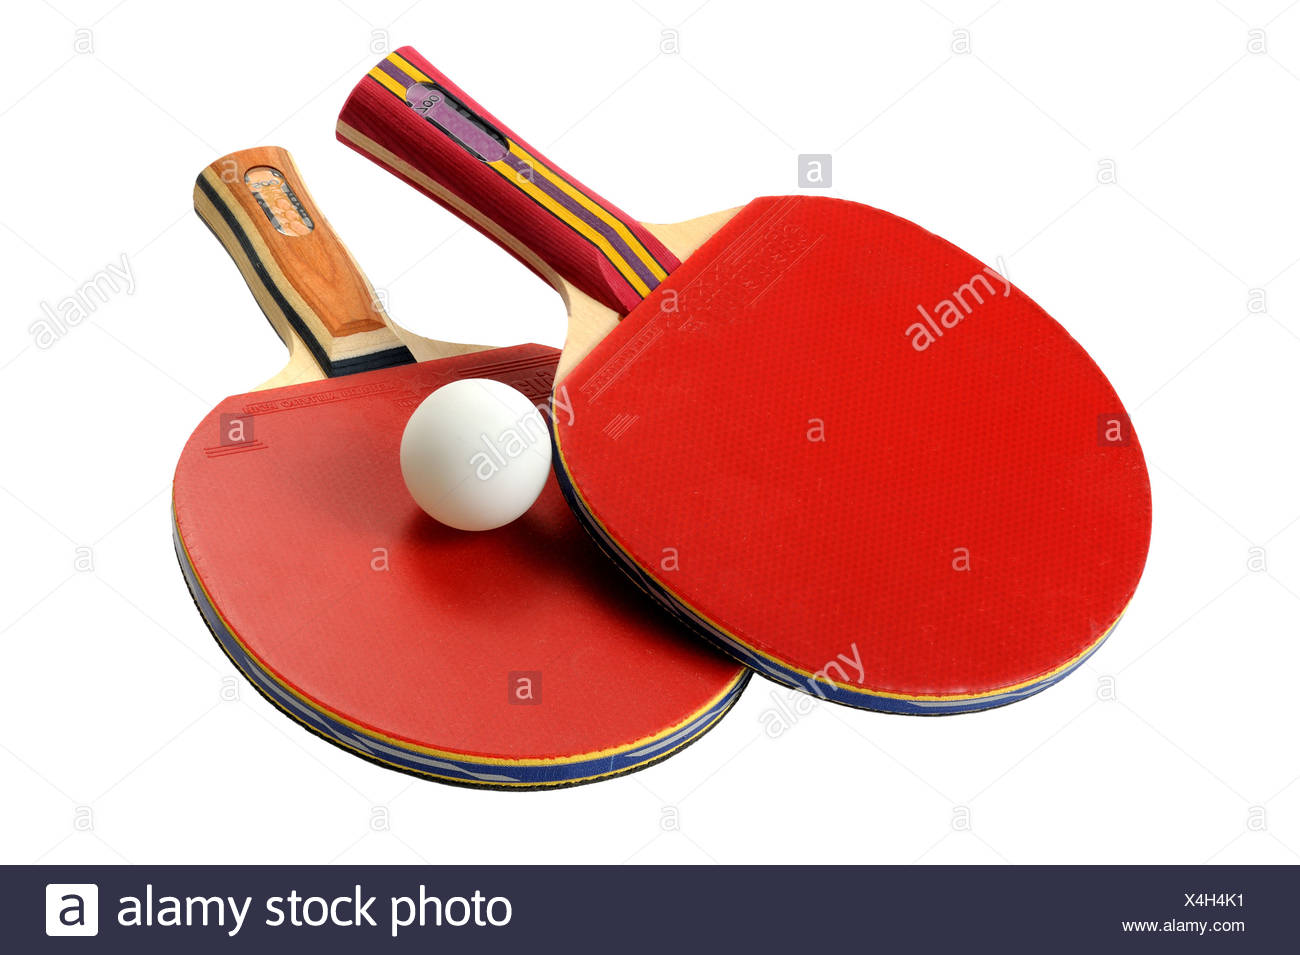 Tabella racchette da tennis Immagini Stock